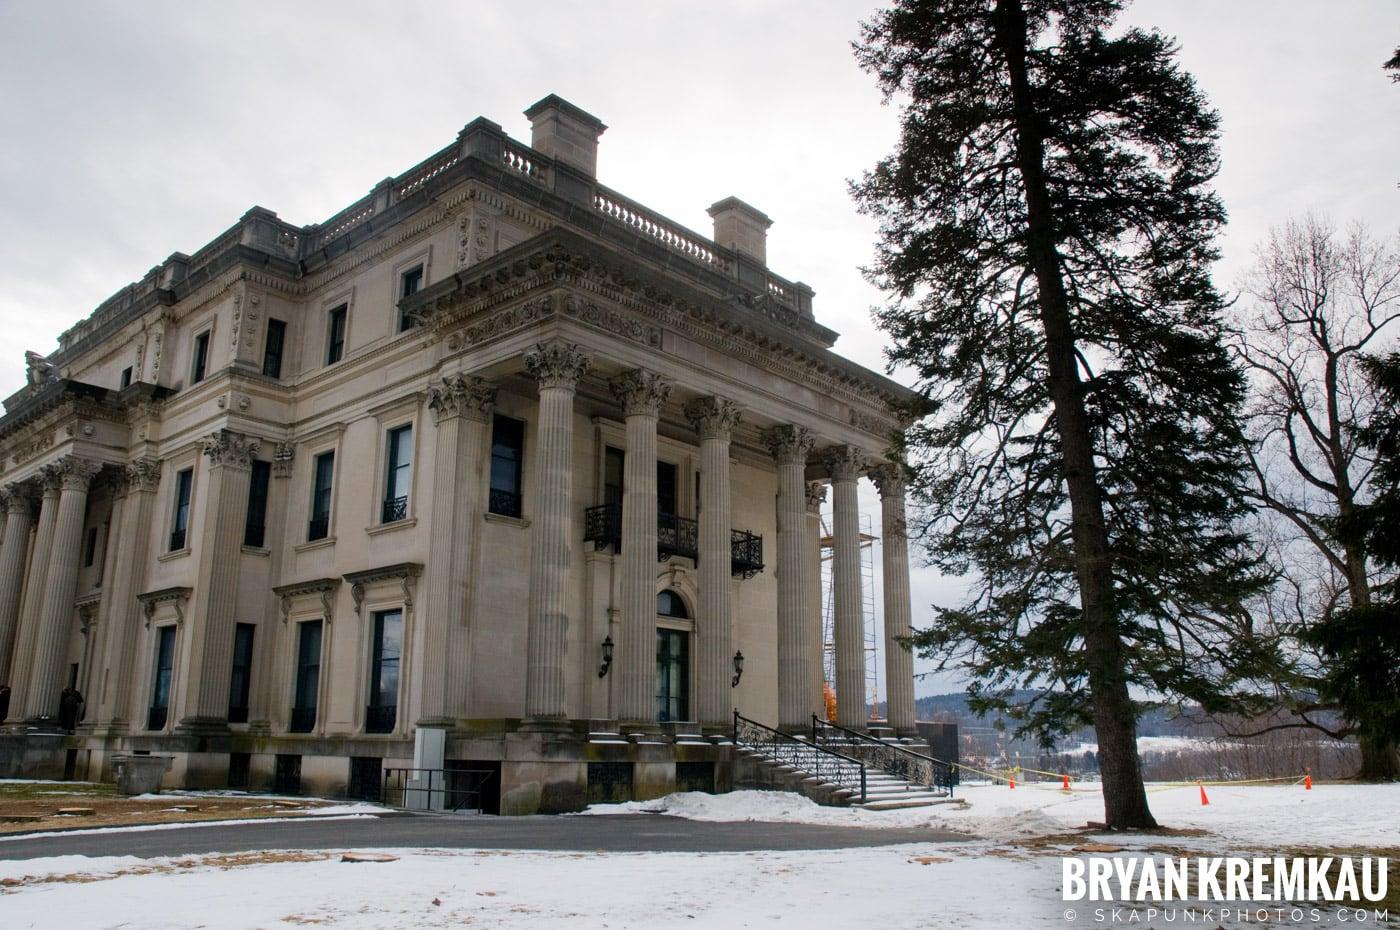 Valentine's Day Trip @ Rhinebeck, FDR's Home, Vanderbilt, Wilderstein Historic Site, NY - 2.14.10 (35)